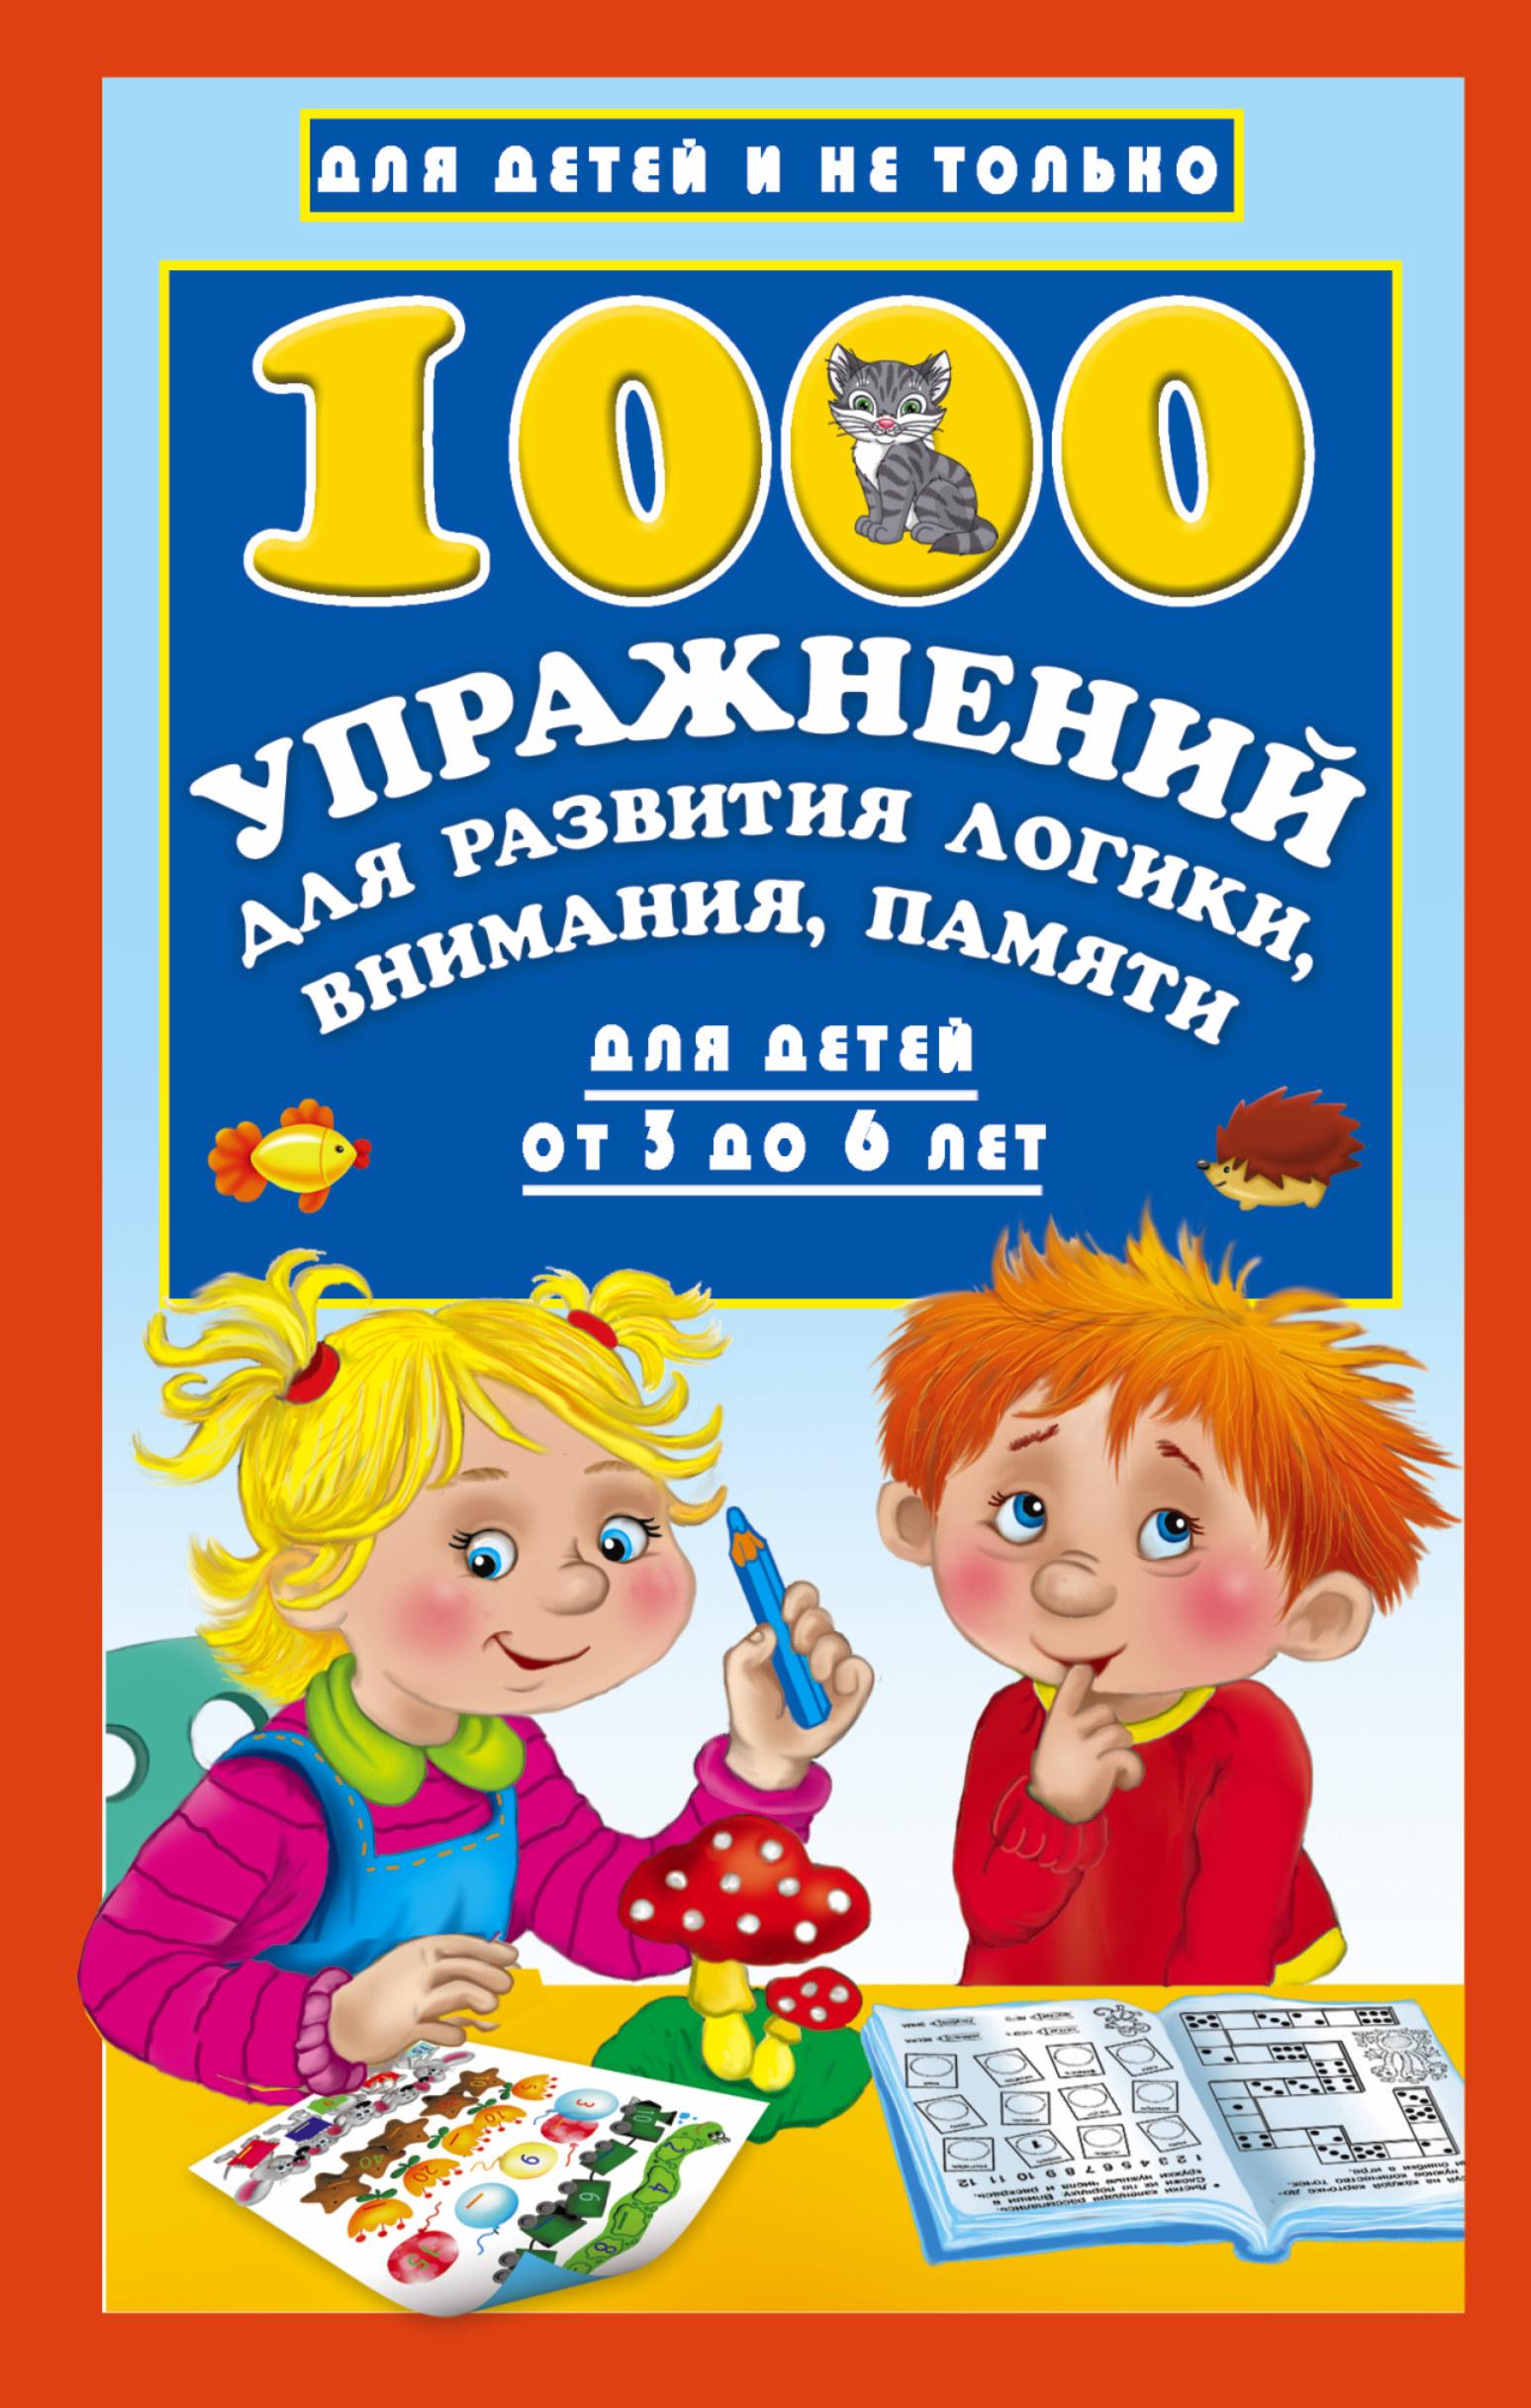 Для обучения детей в семье, детском саду и далее» кралина м.в.